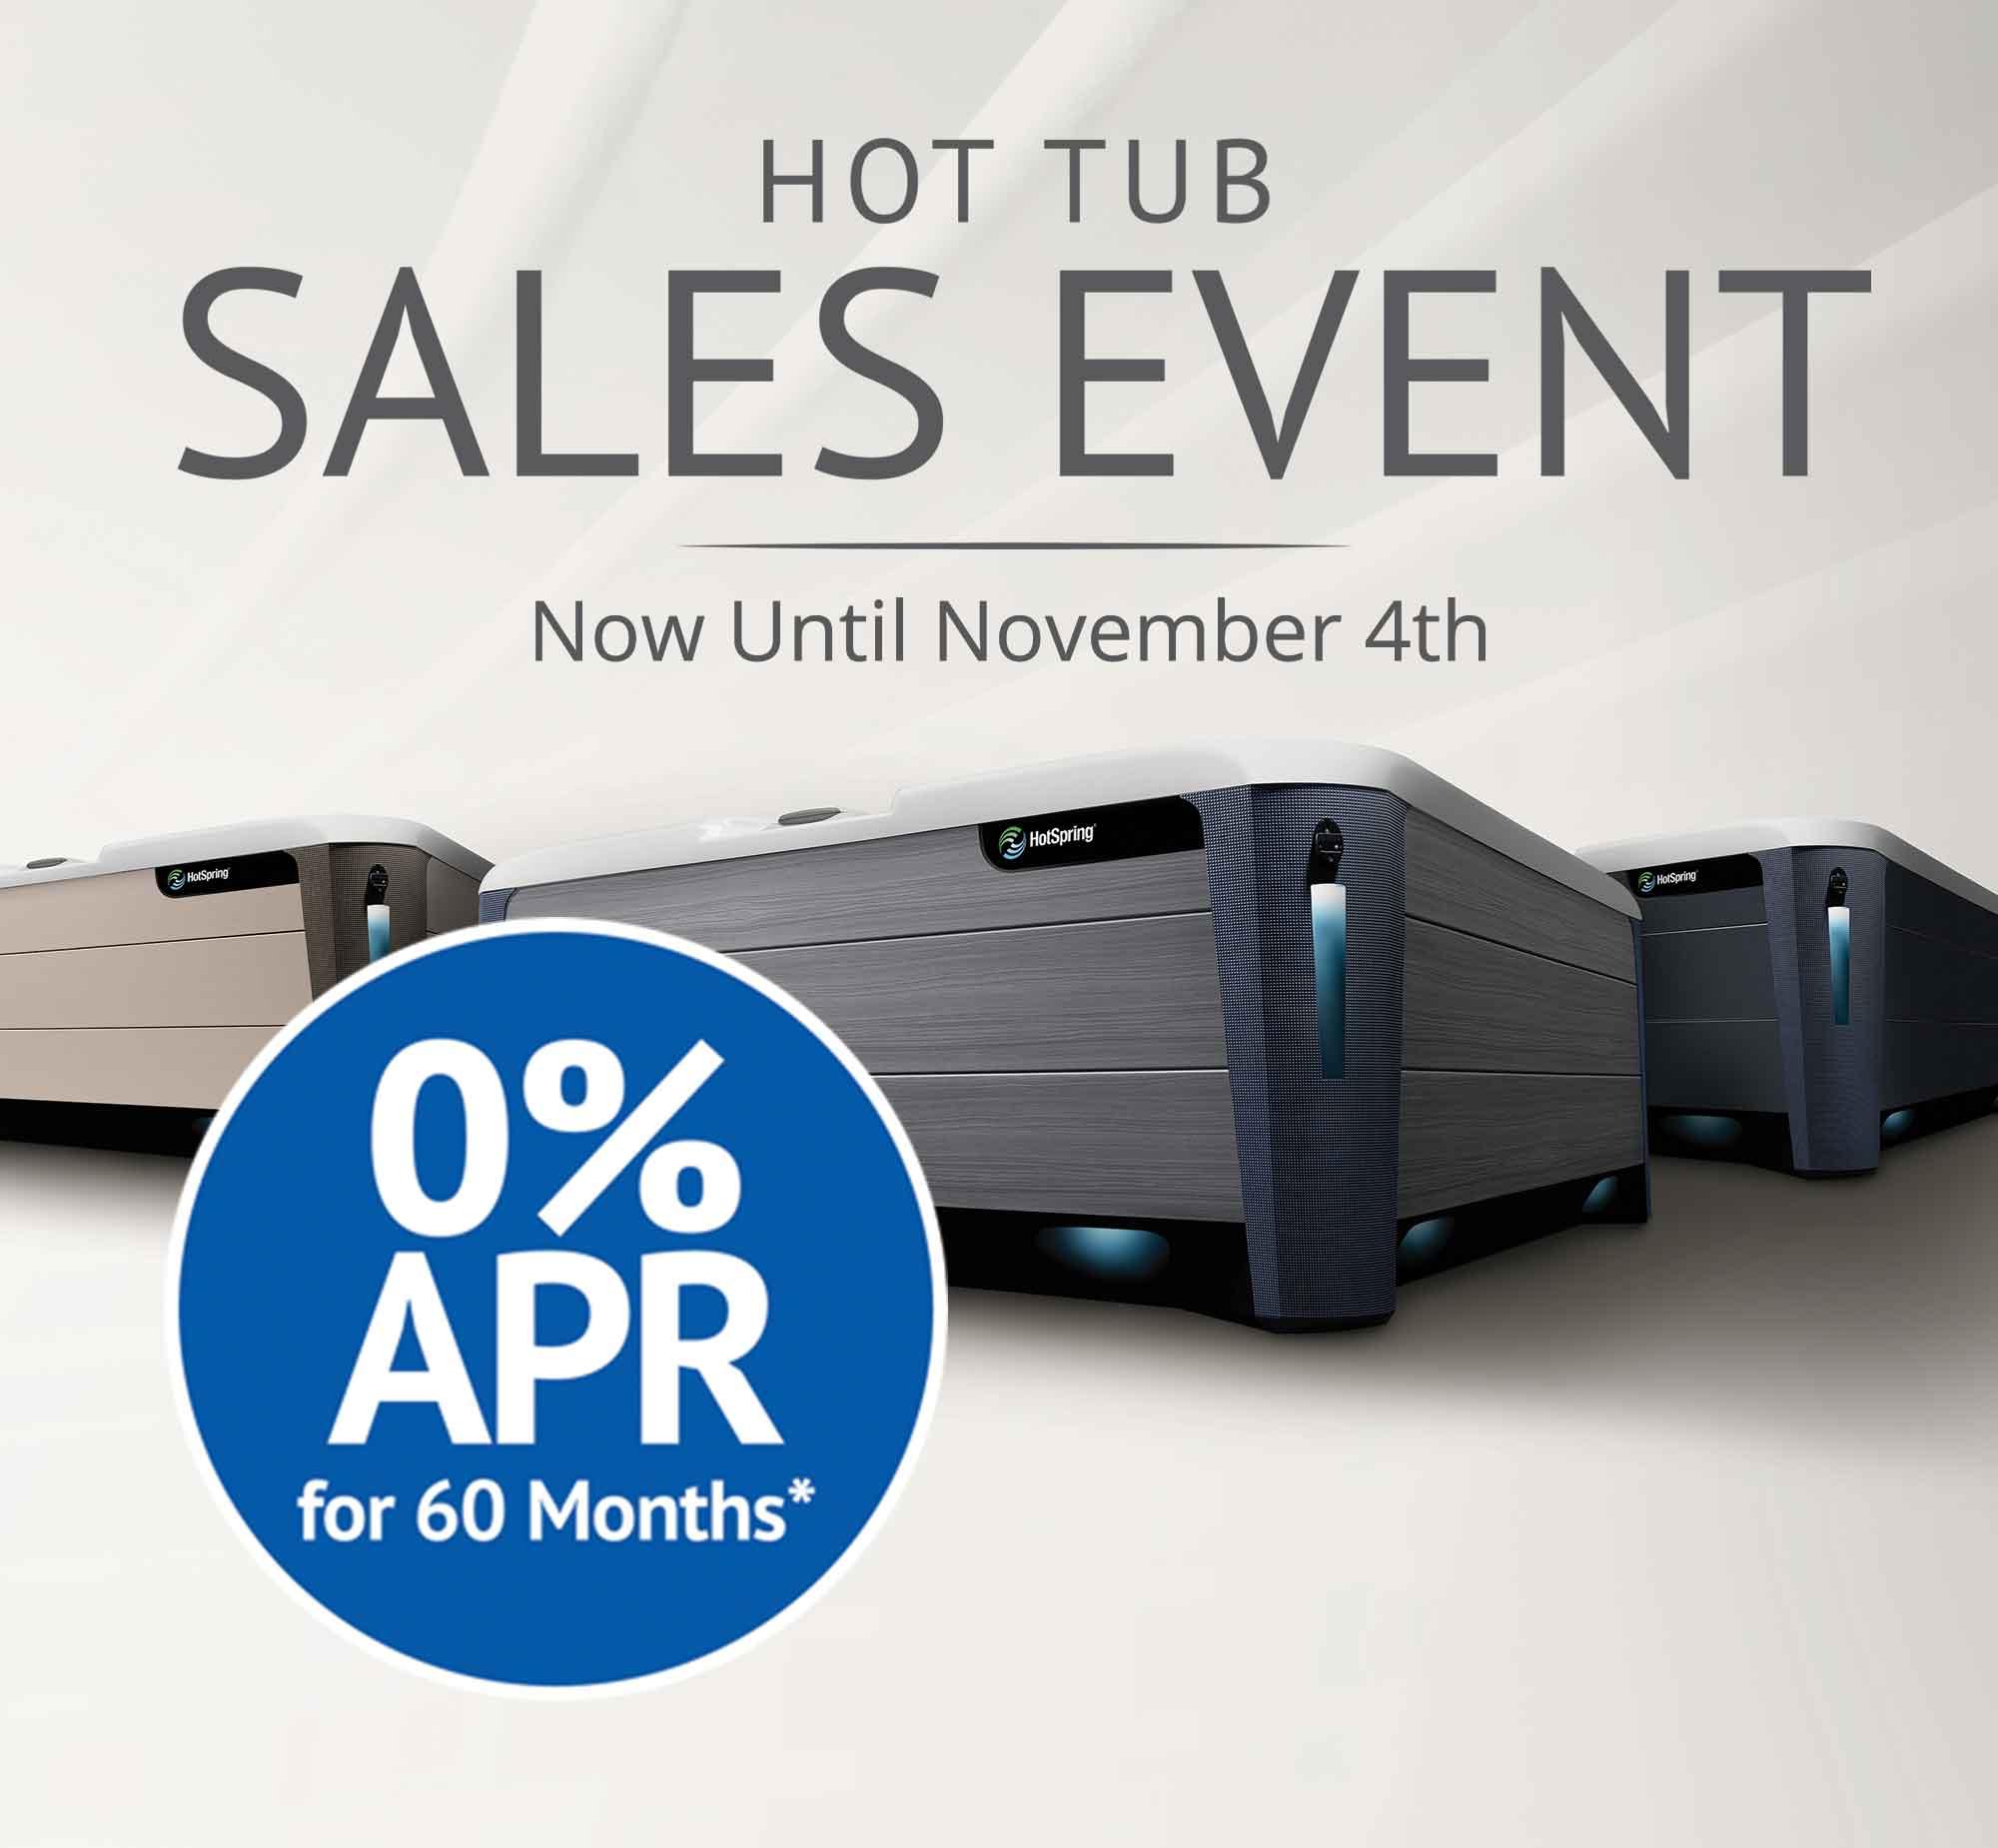 Hot Tub Sales Event